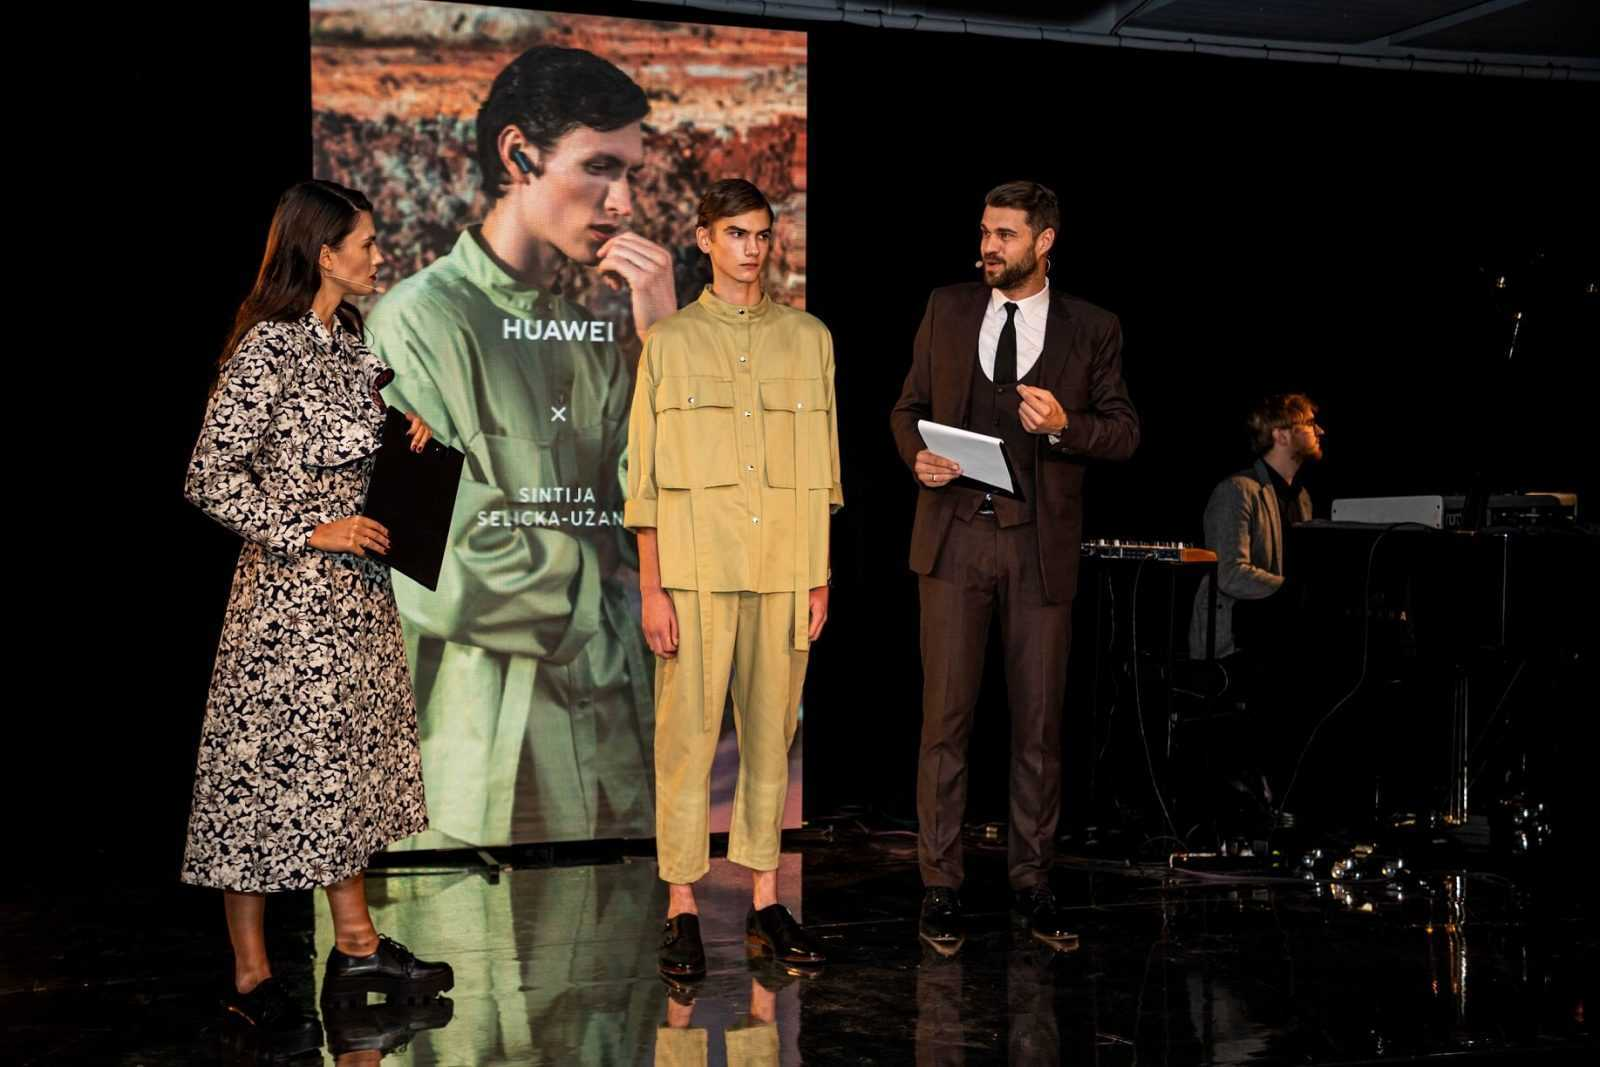 Stiliste Sintija Selicka-Užane apvieno tehnoloģijas ar modi, atklājot mūsdienīga vīrieša stila kodu